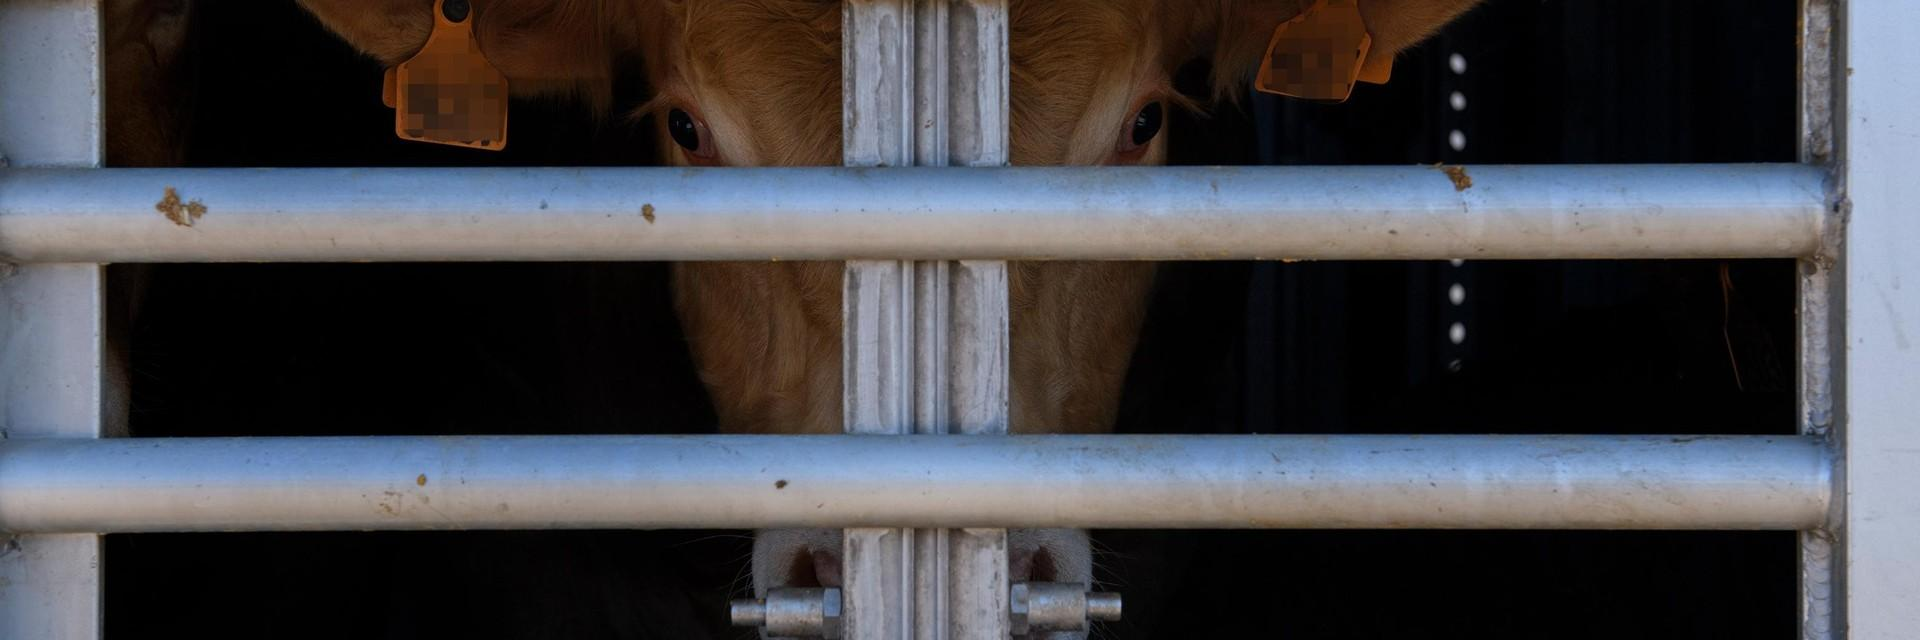 Rinder auf Tiertransport